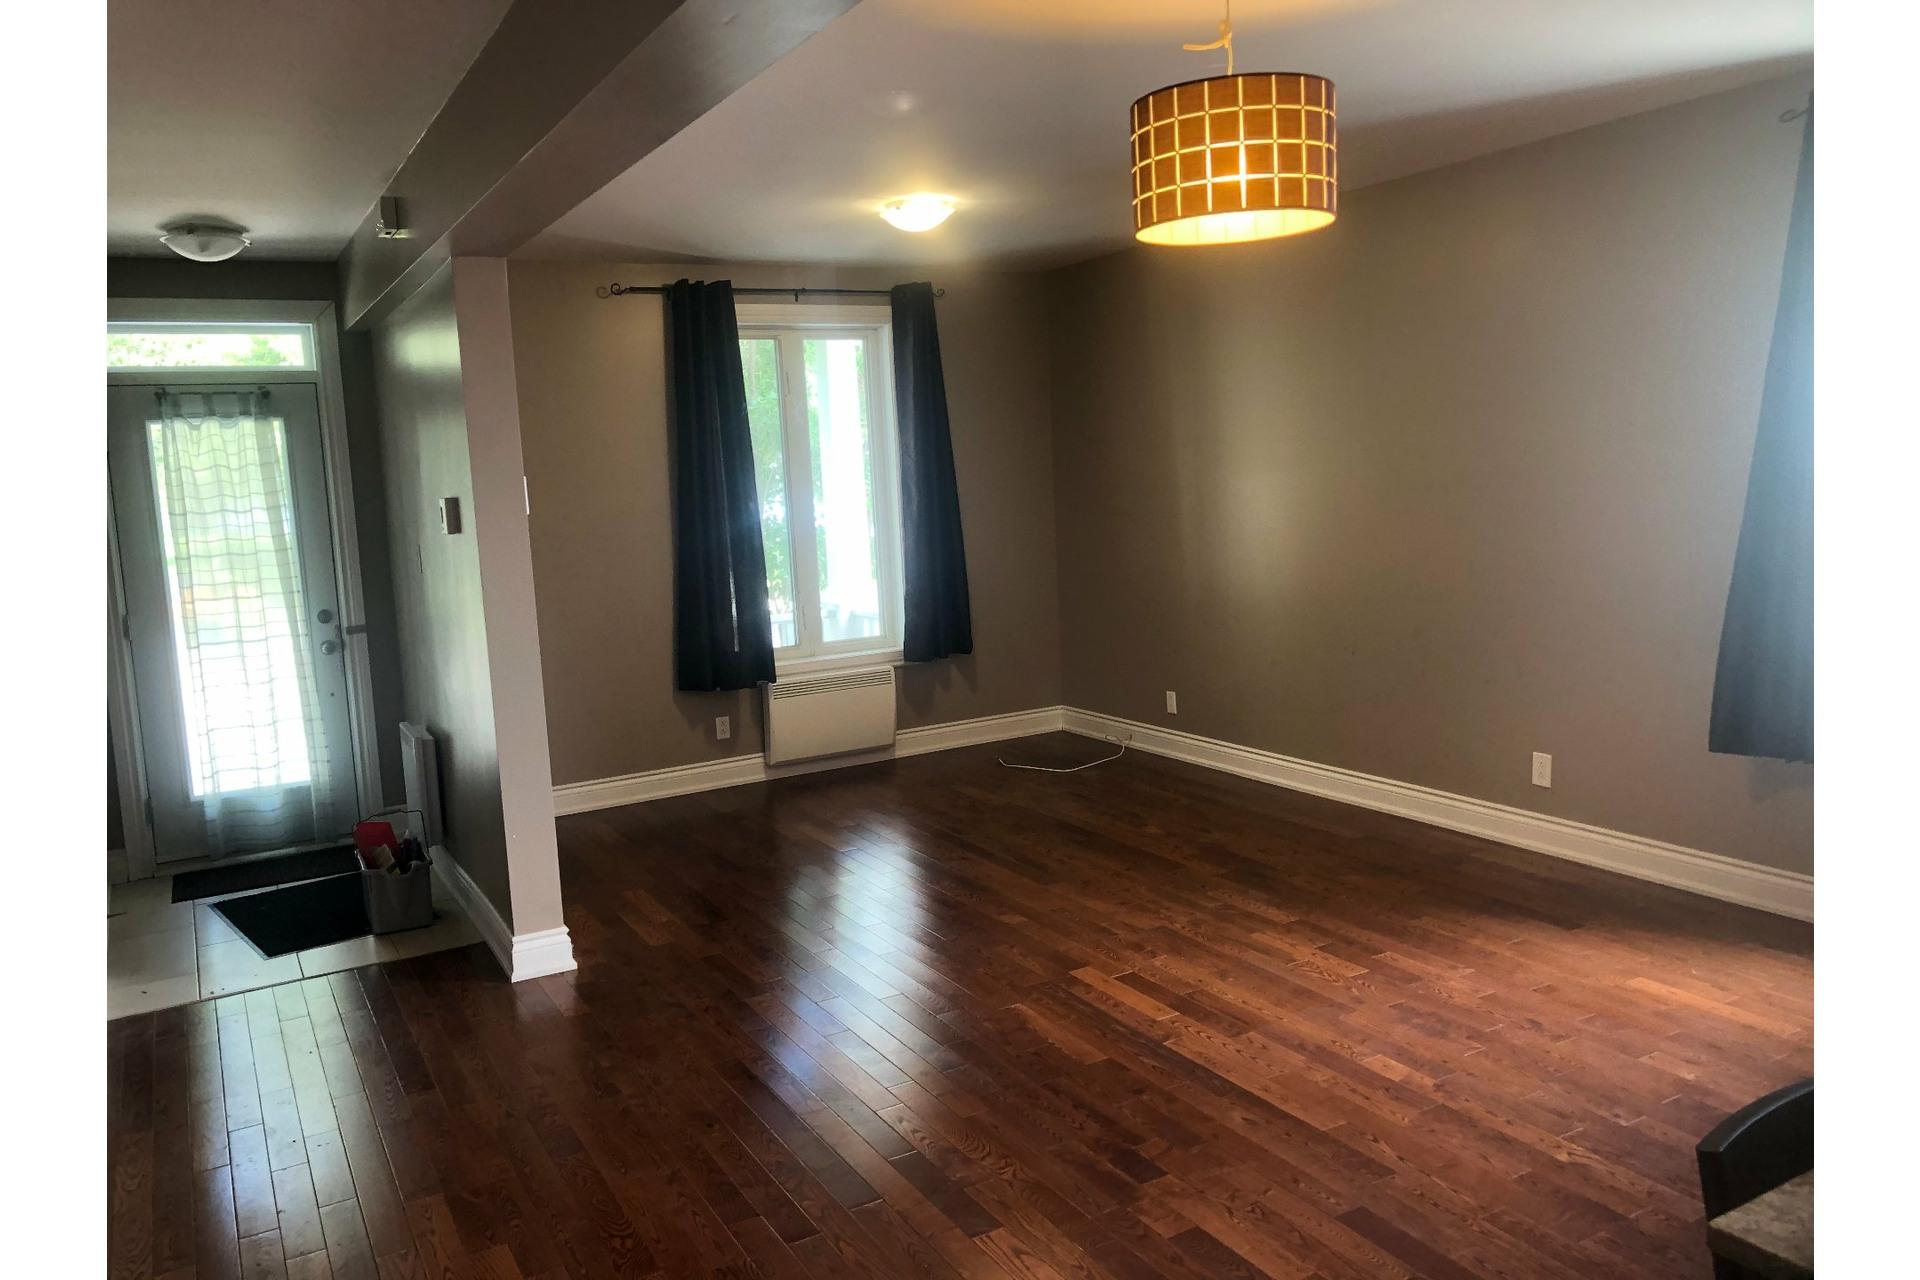 image 9 - House For rent Rivière-des-Prairies/Pointe-aux-Trembles Montréal  - 7 rooms